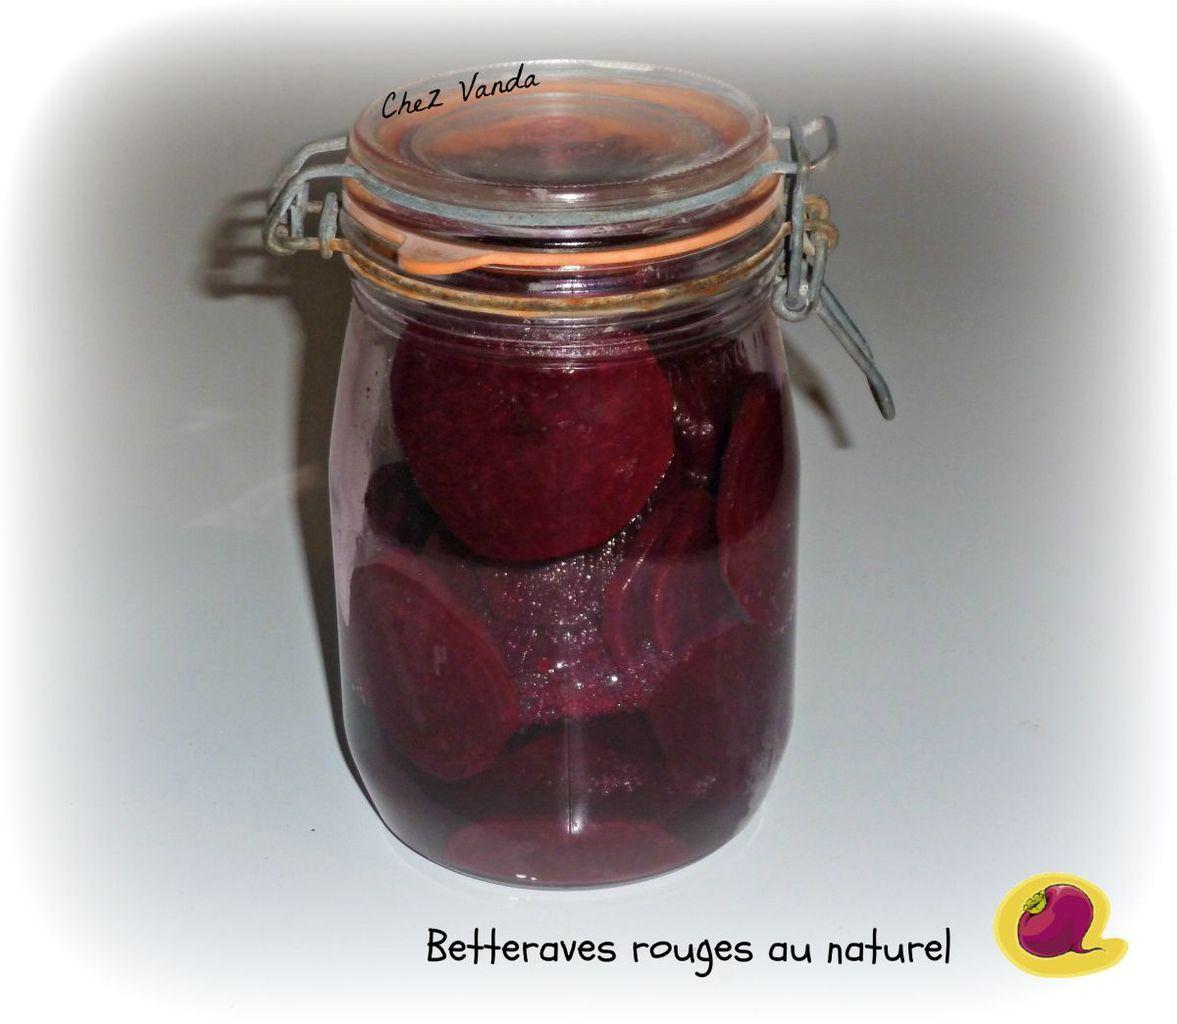 Je suis en mode conserves pour bien passer l 39 hiver je viens de mettre mes betteraves rouges en - Conservation des betteraves rouges ...